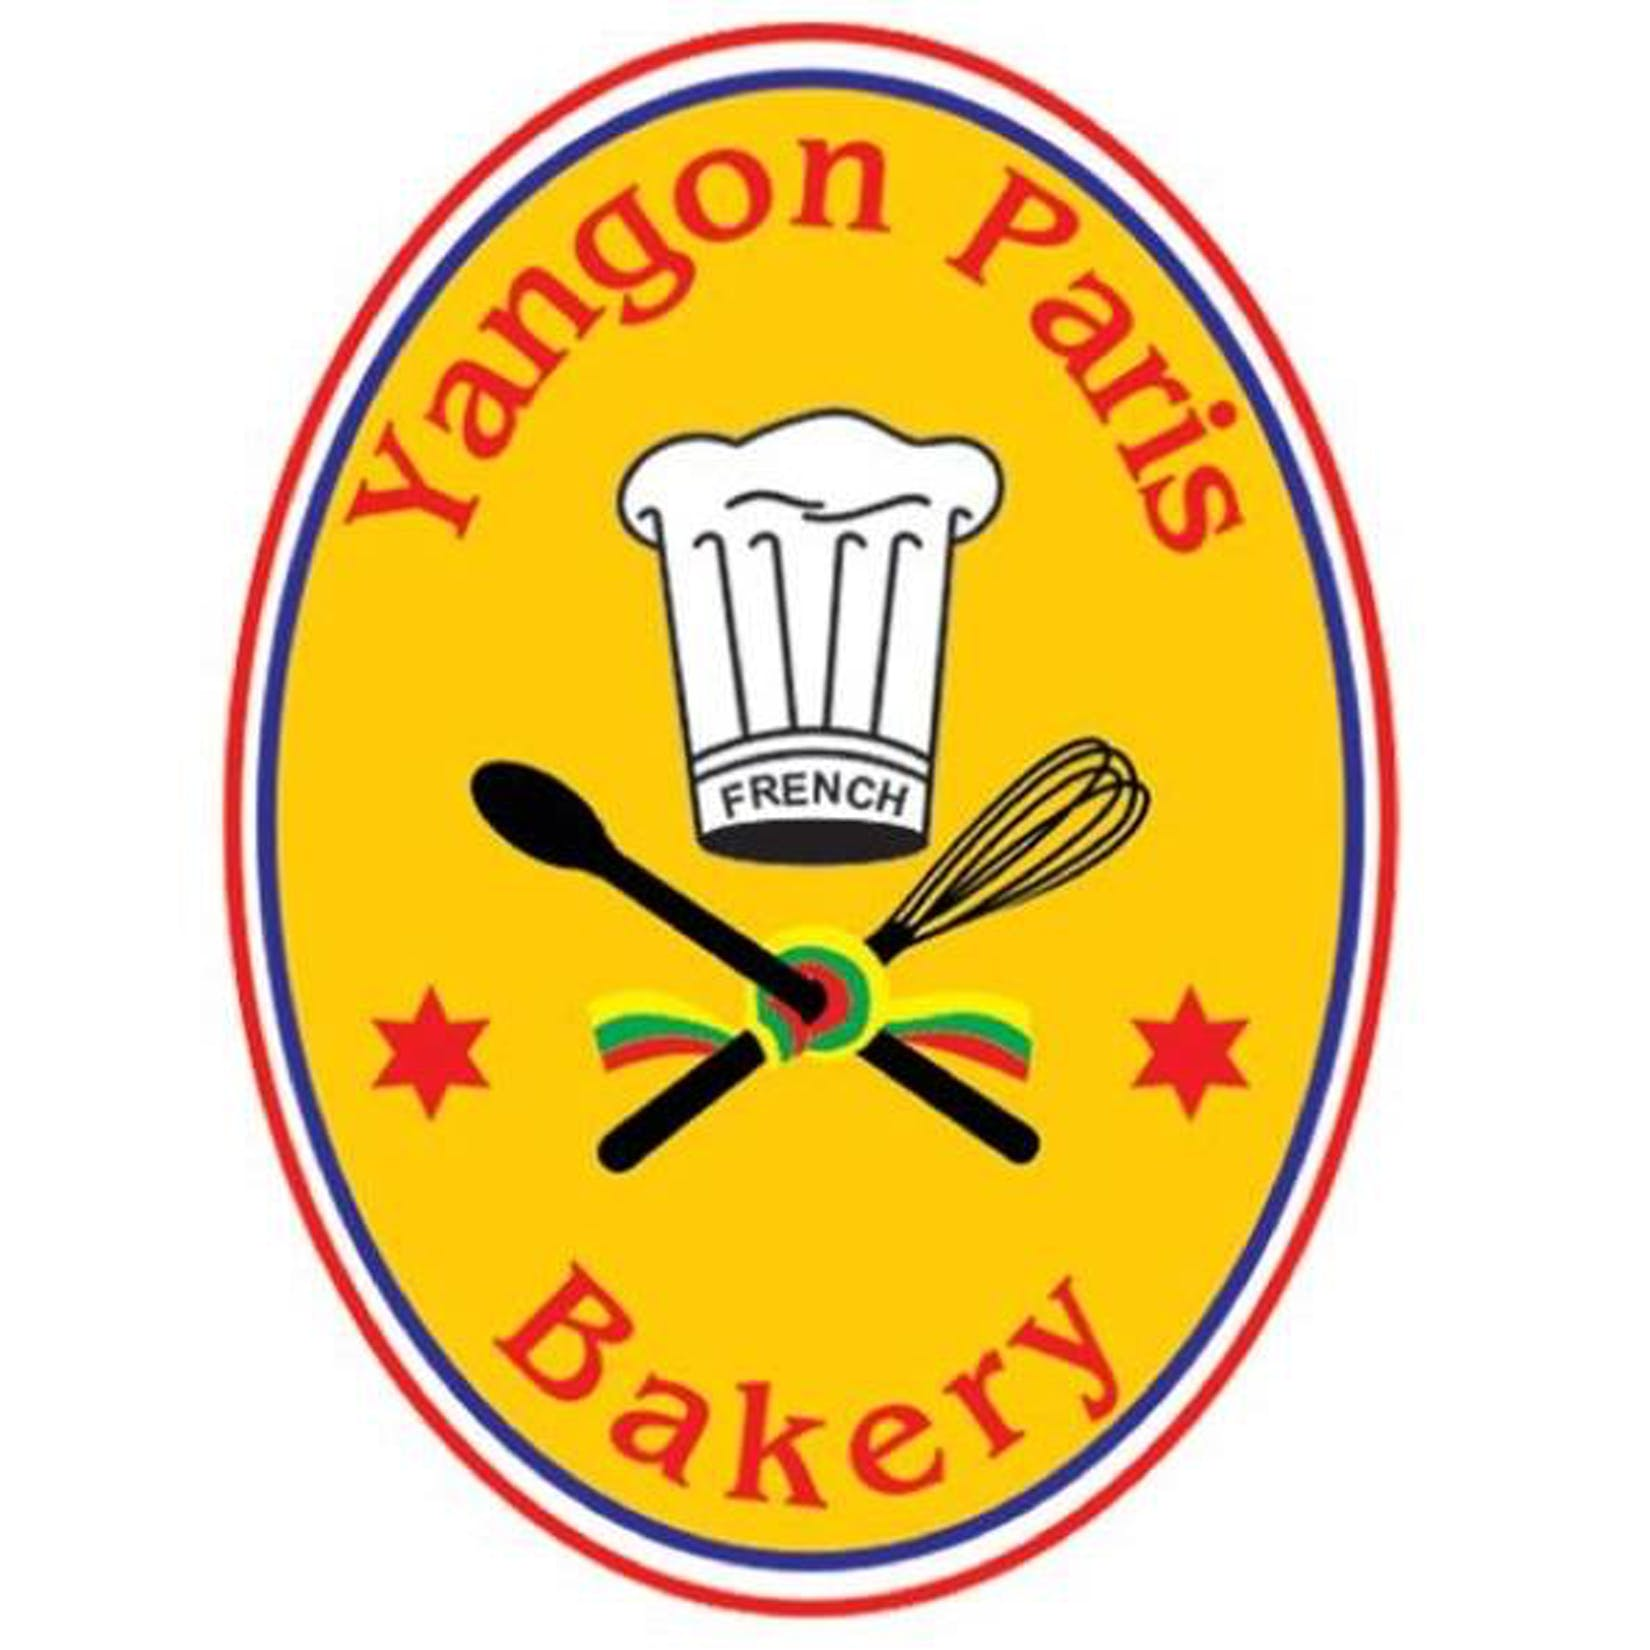 Yangon Paris Bakery | yathar